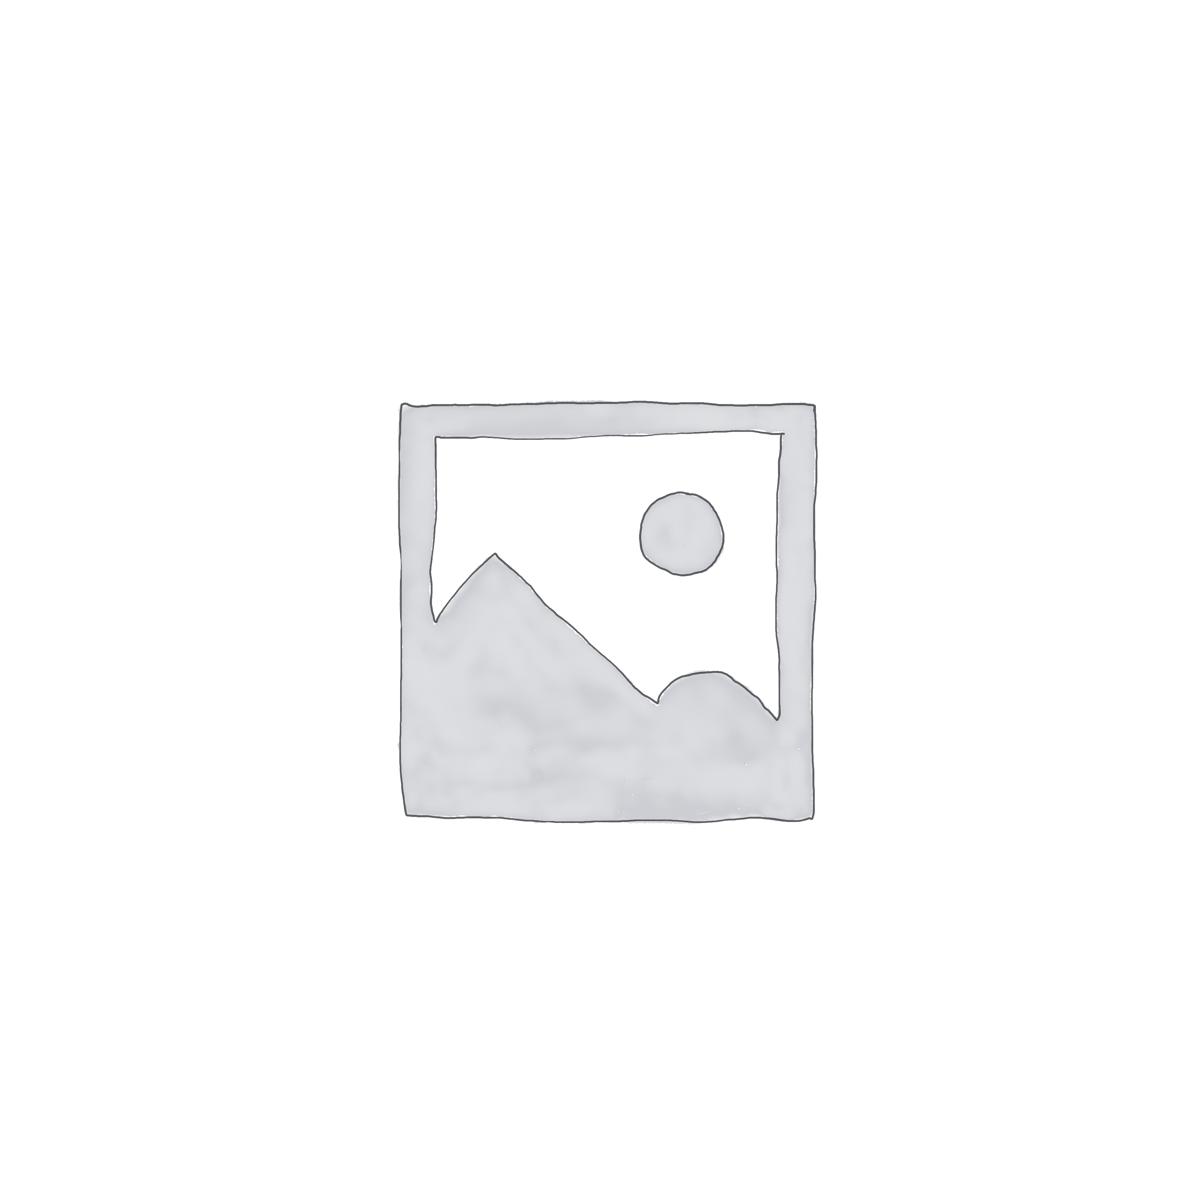 Swan with Snowflake Wallpaper Mural